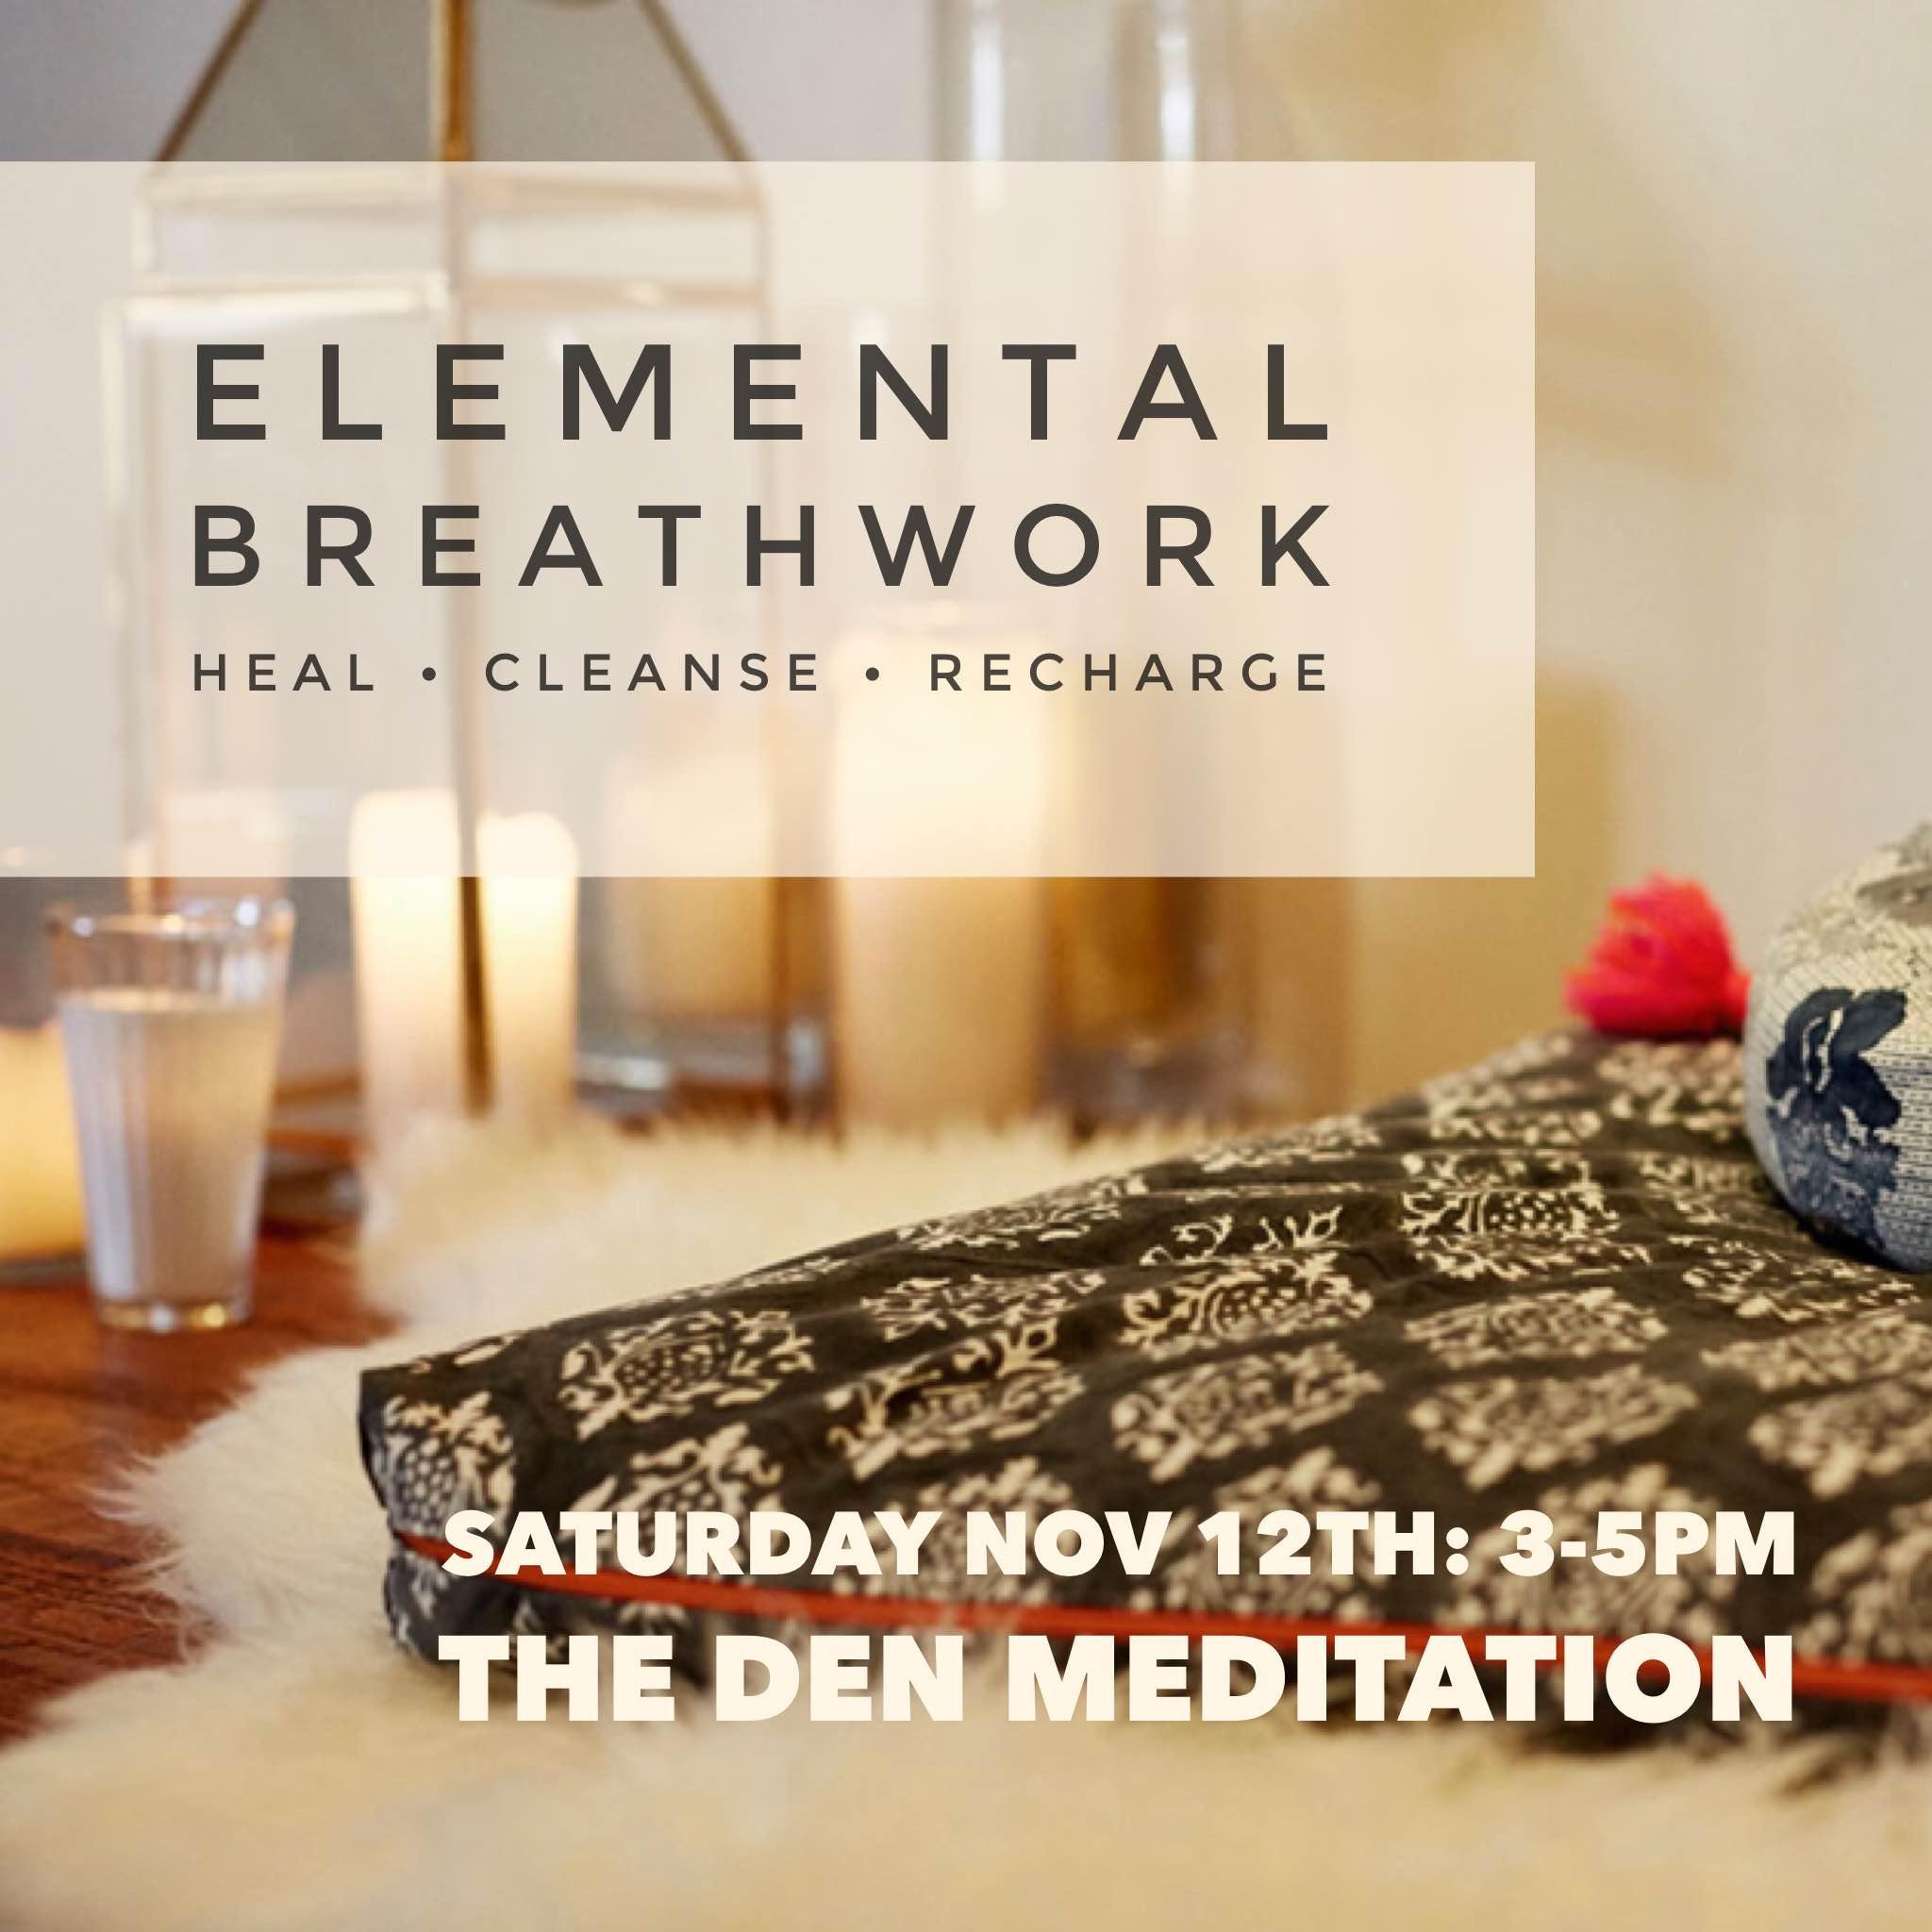 breathwork at the den meditation hollywood